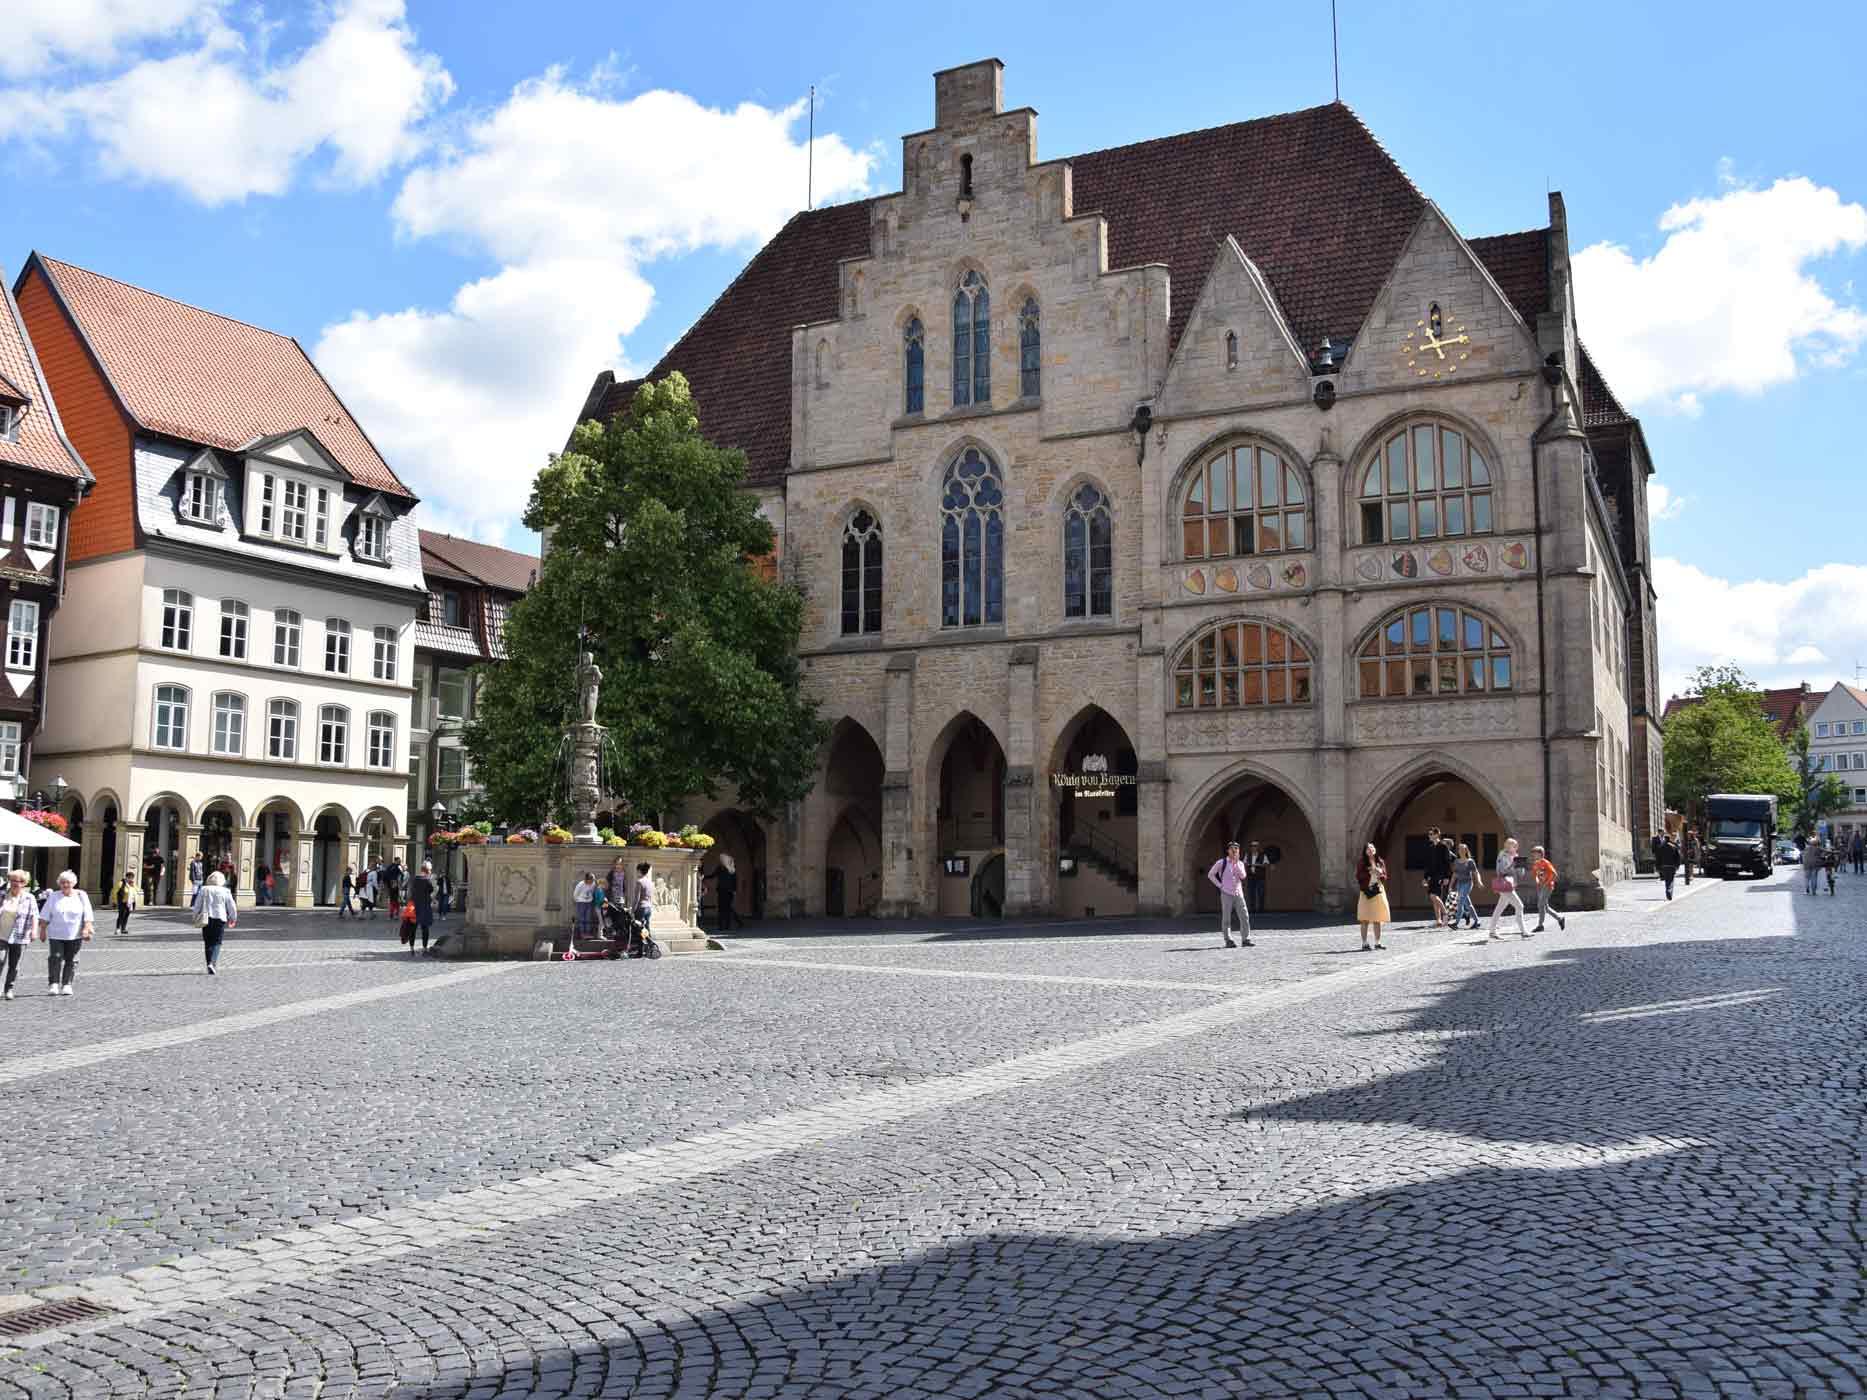 Marktplatz in Hildesheim mit Blick aufs Rathaus